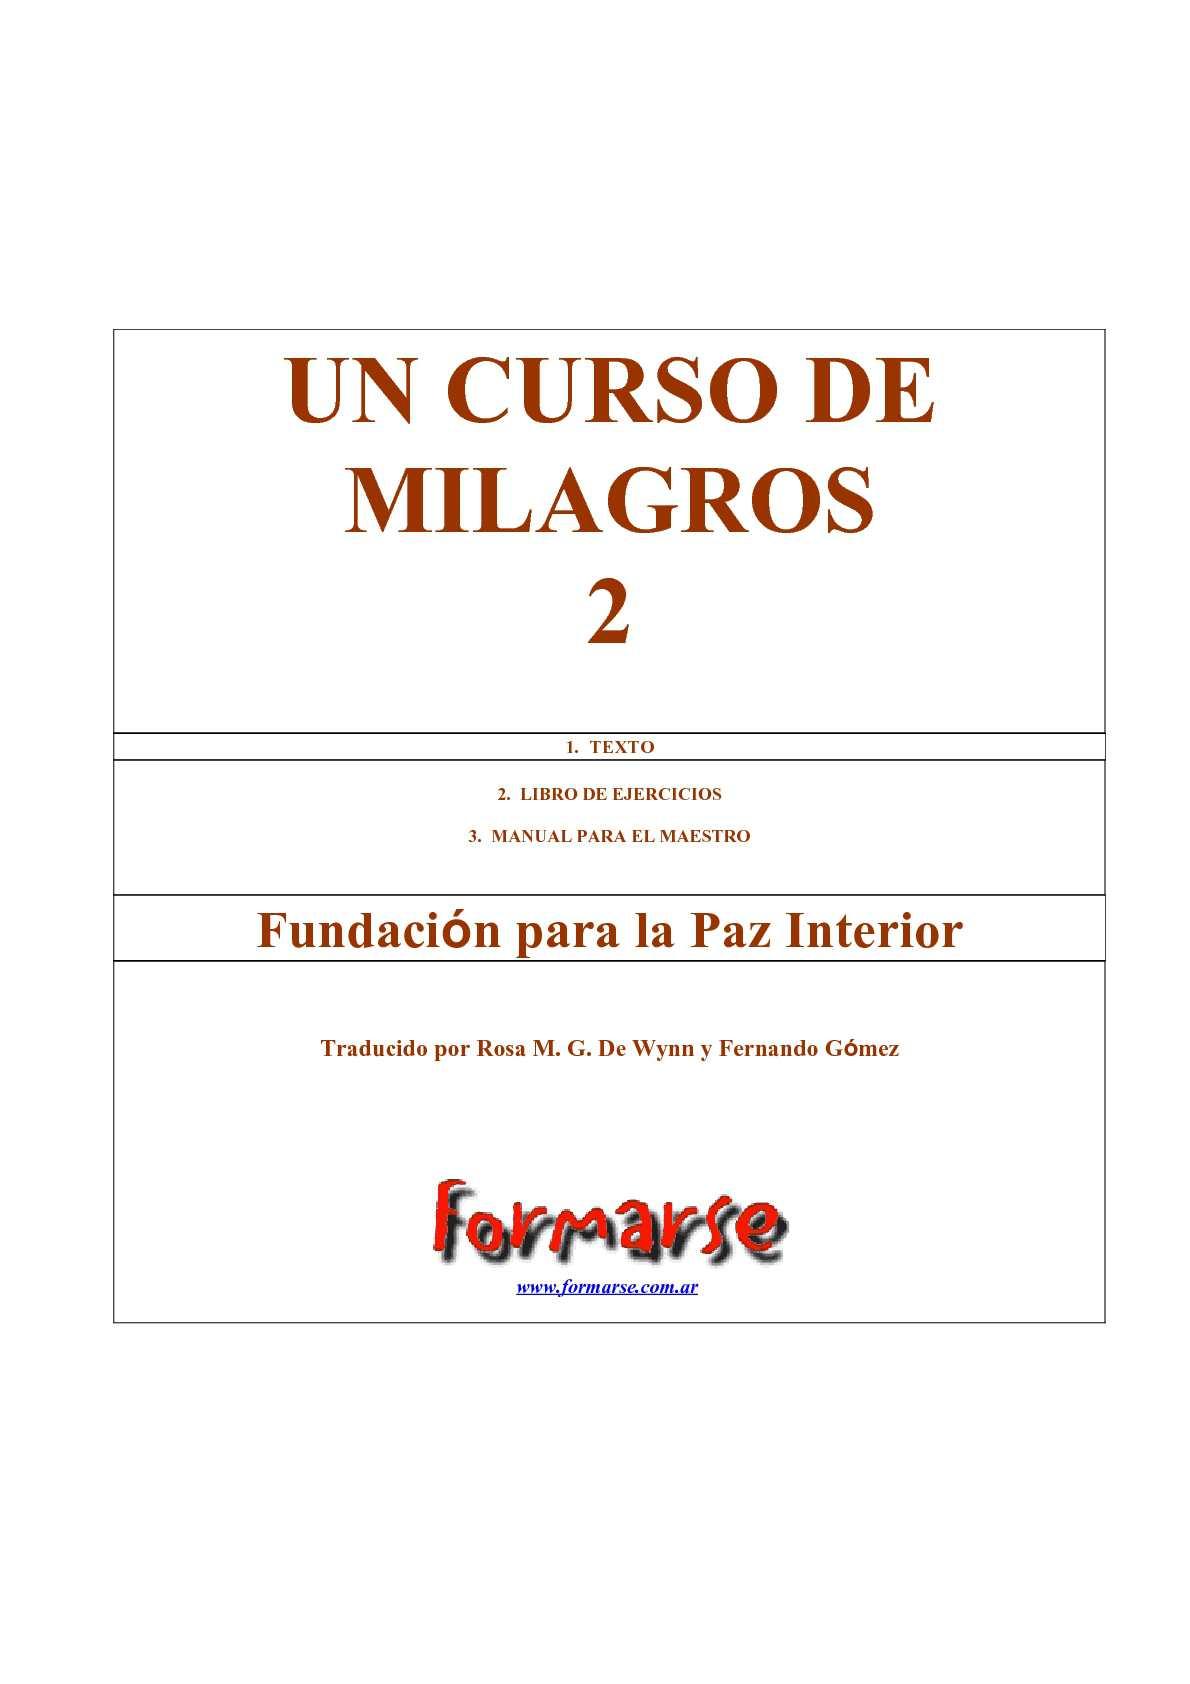 fa2faf570a69d Calaméo - Un Curso de Milagros - 2ª Parte